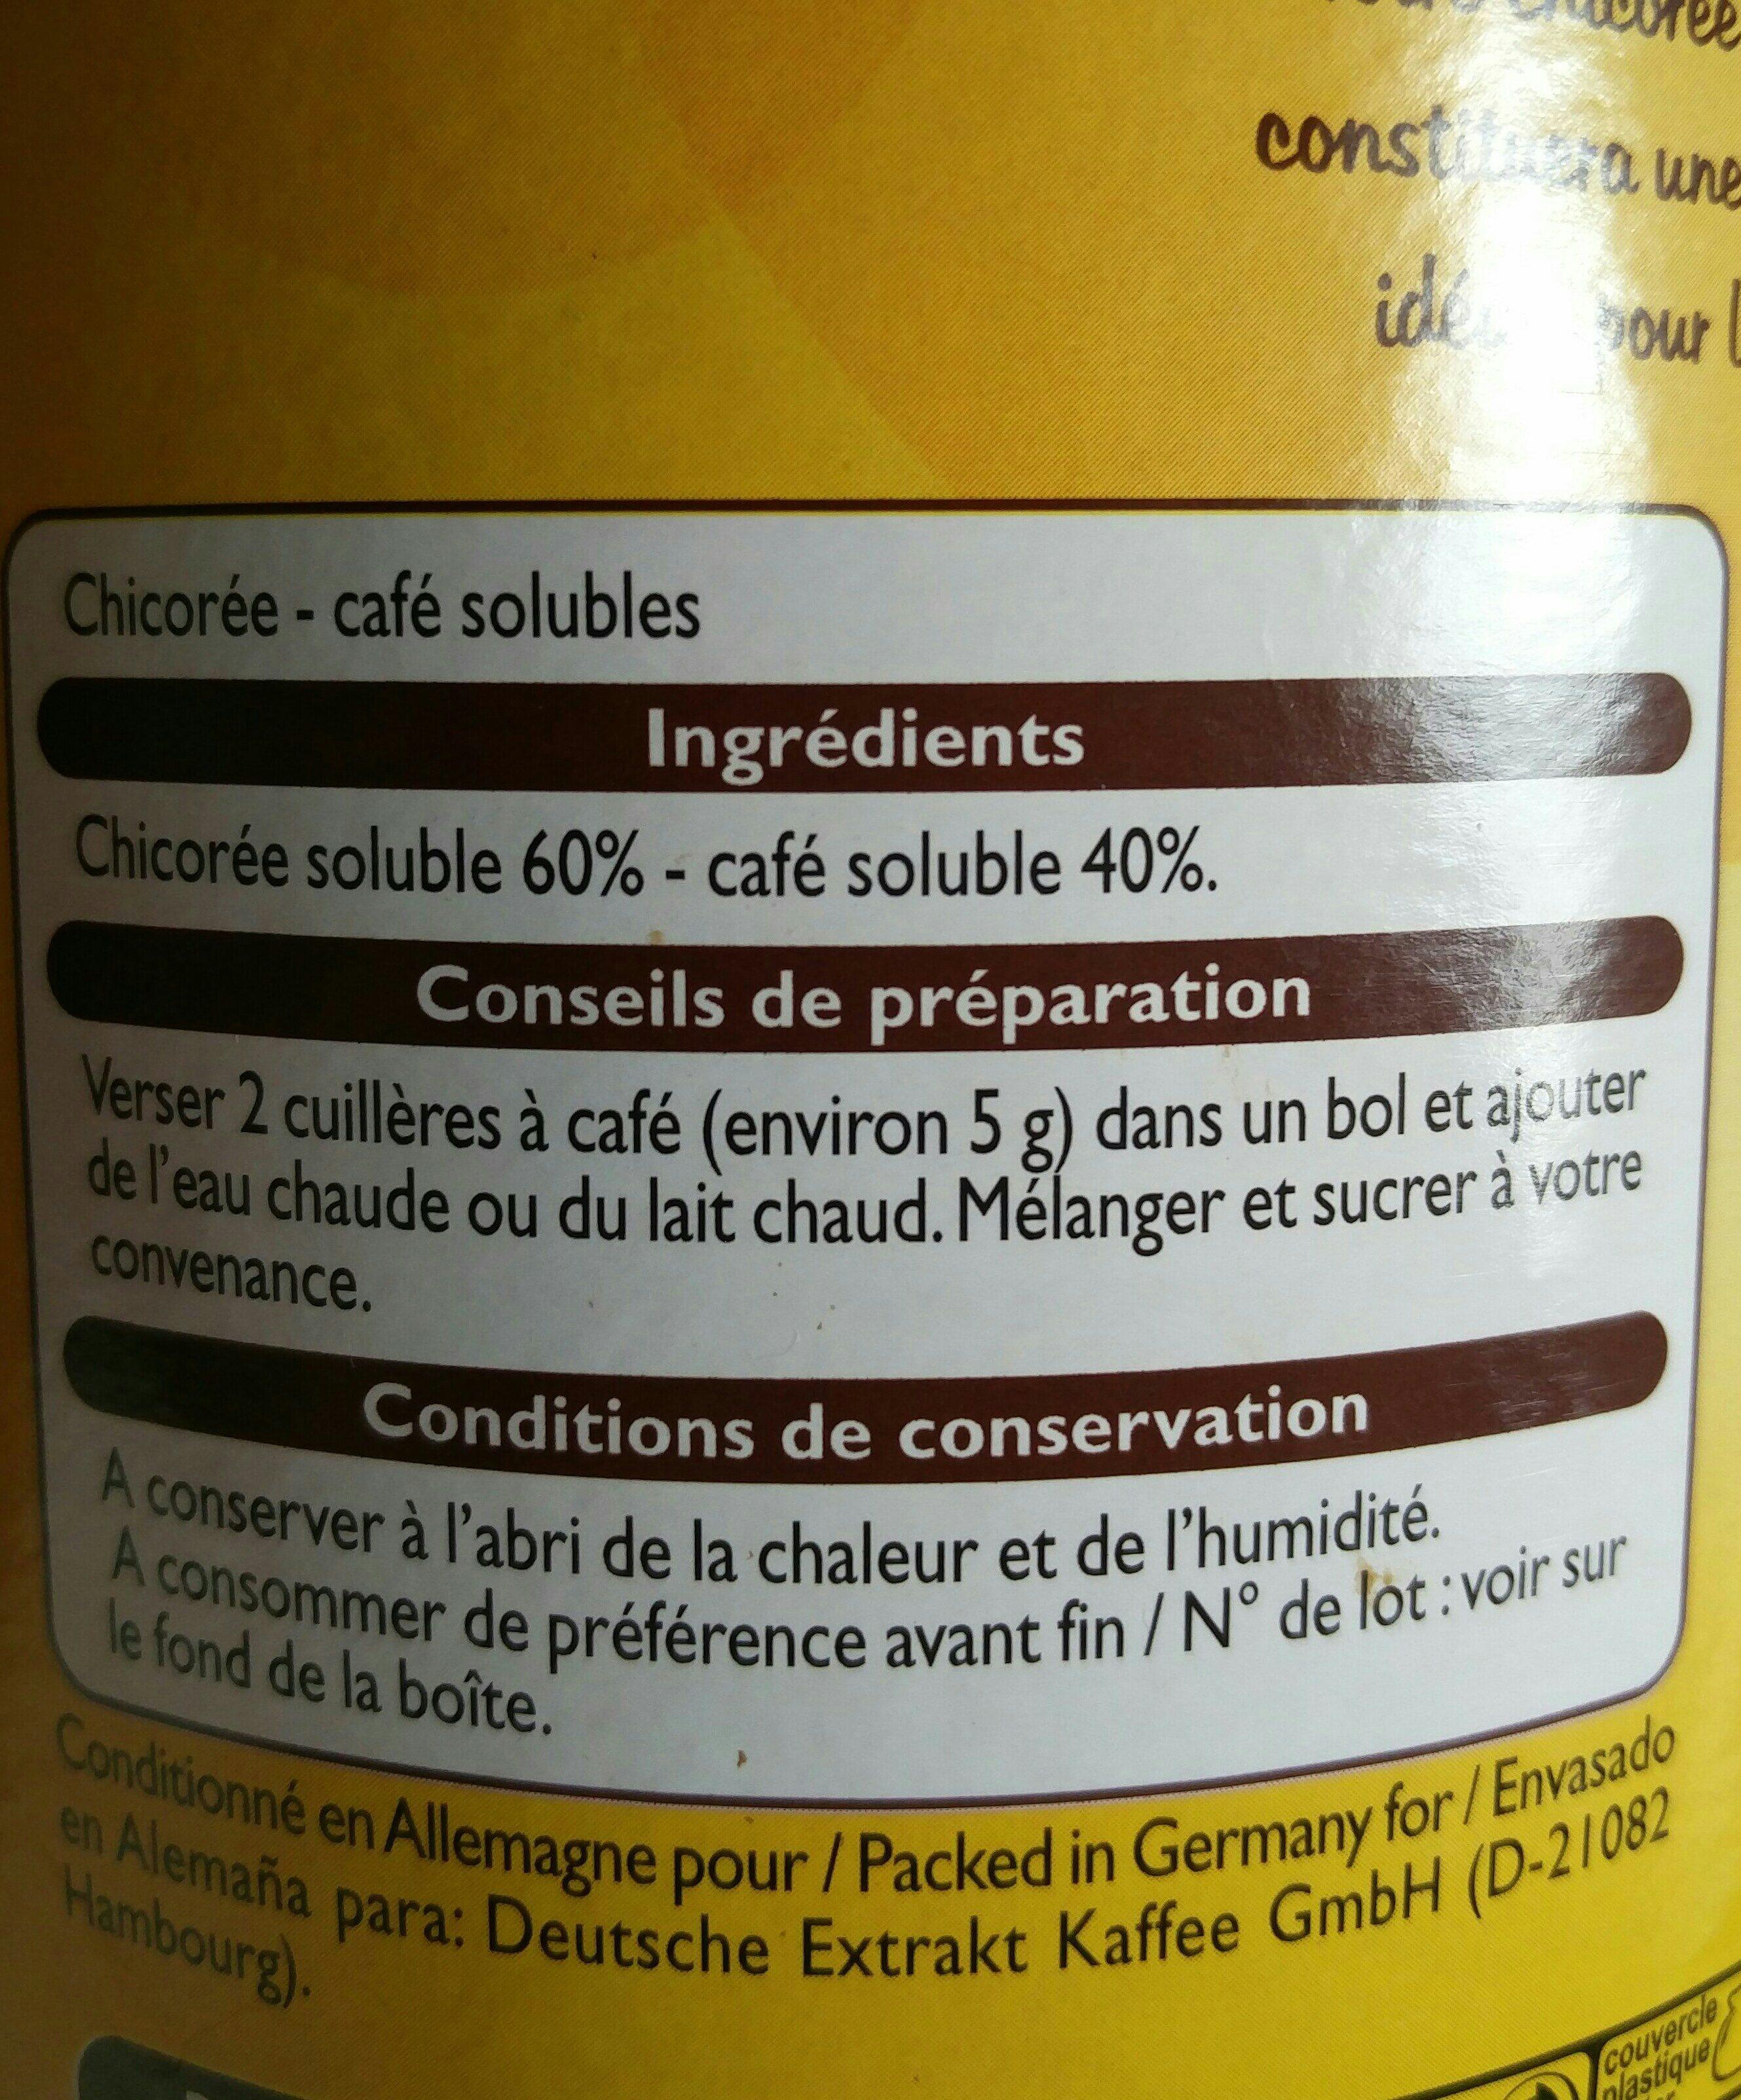 Chicorée café - Ingredients